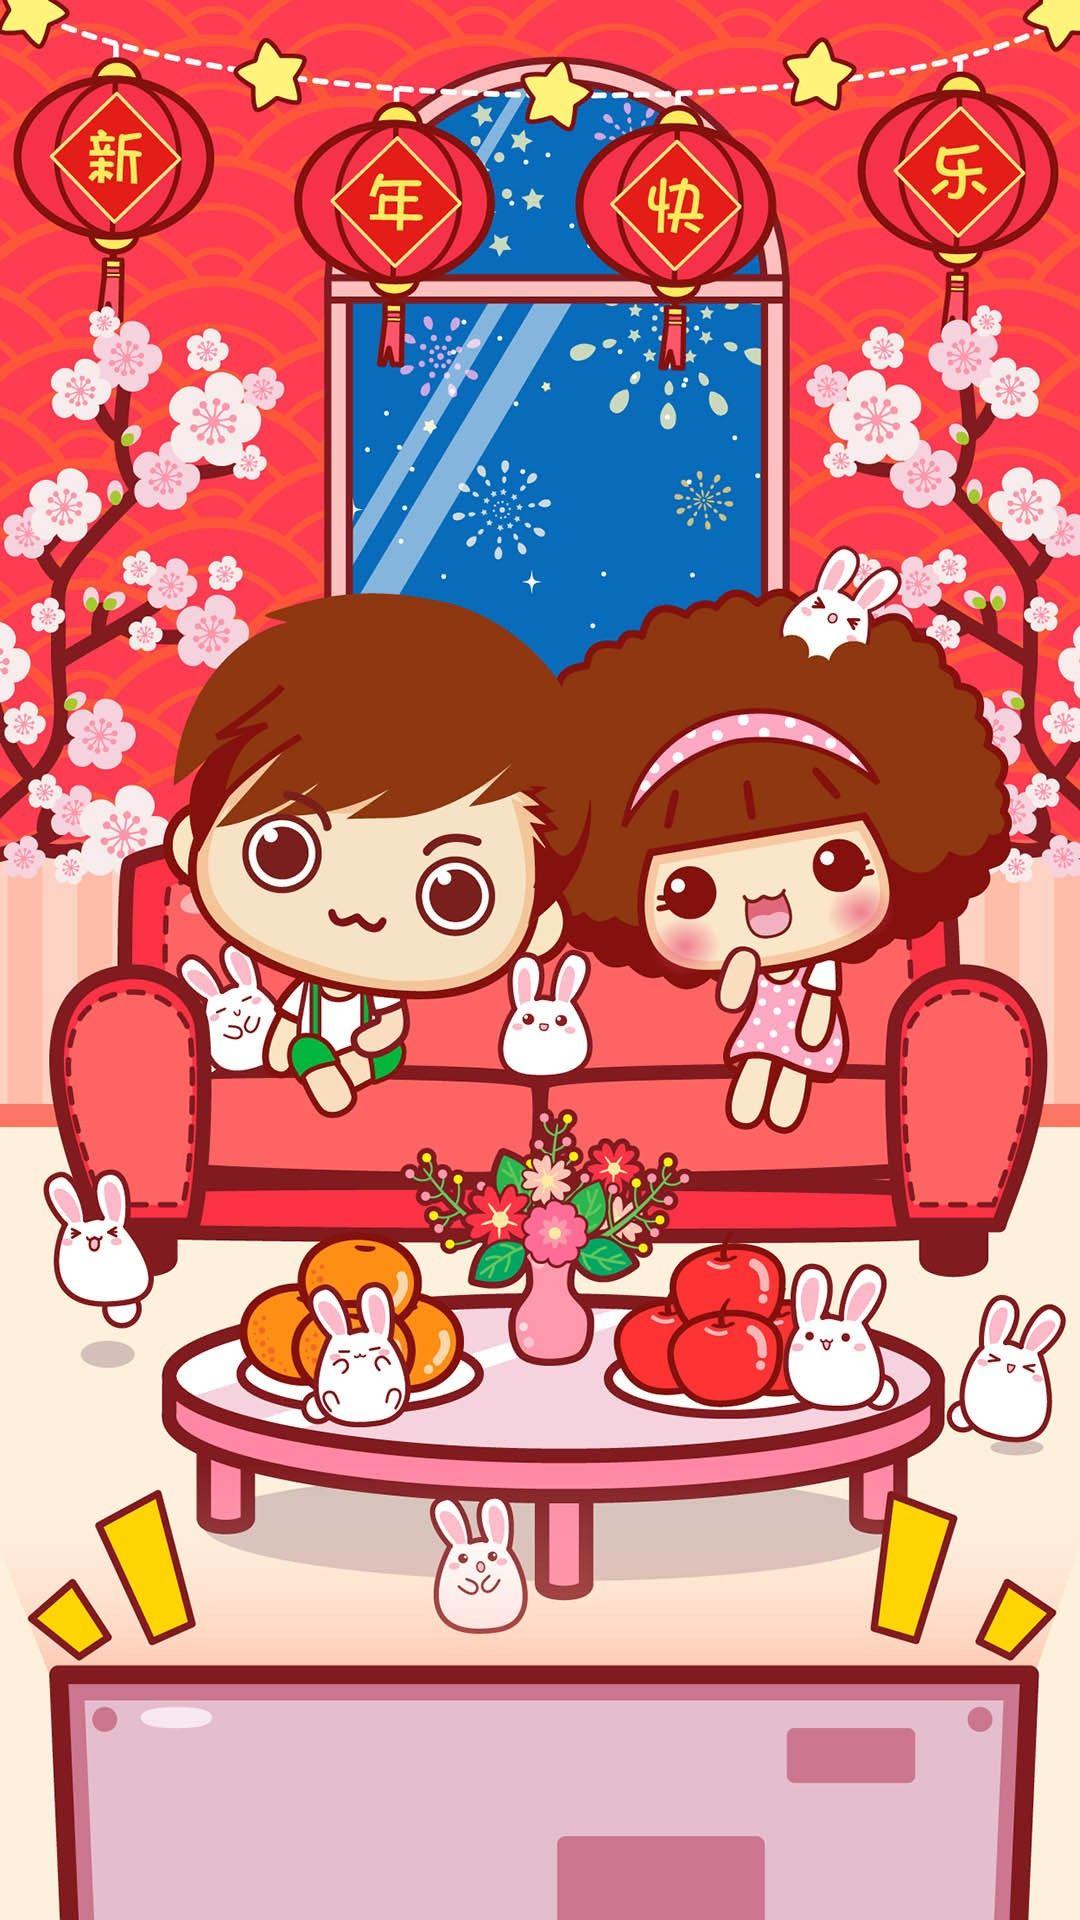 Pin By Chloebabyxoxo On Chinese New Year Cute Wallpapers Happy Chinese New Year Iphone Wallpaper